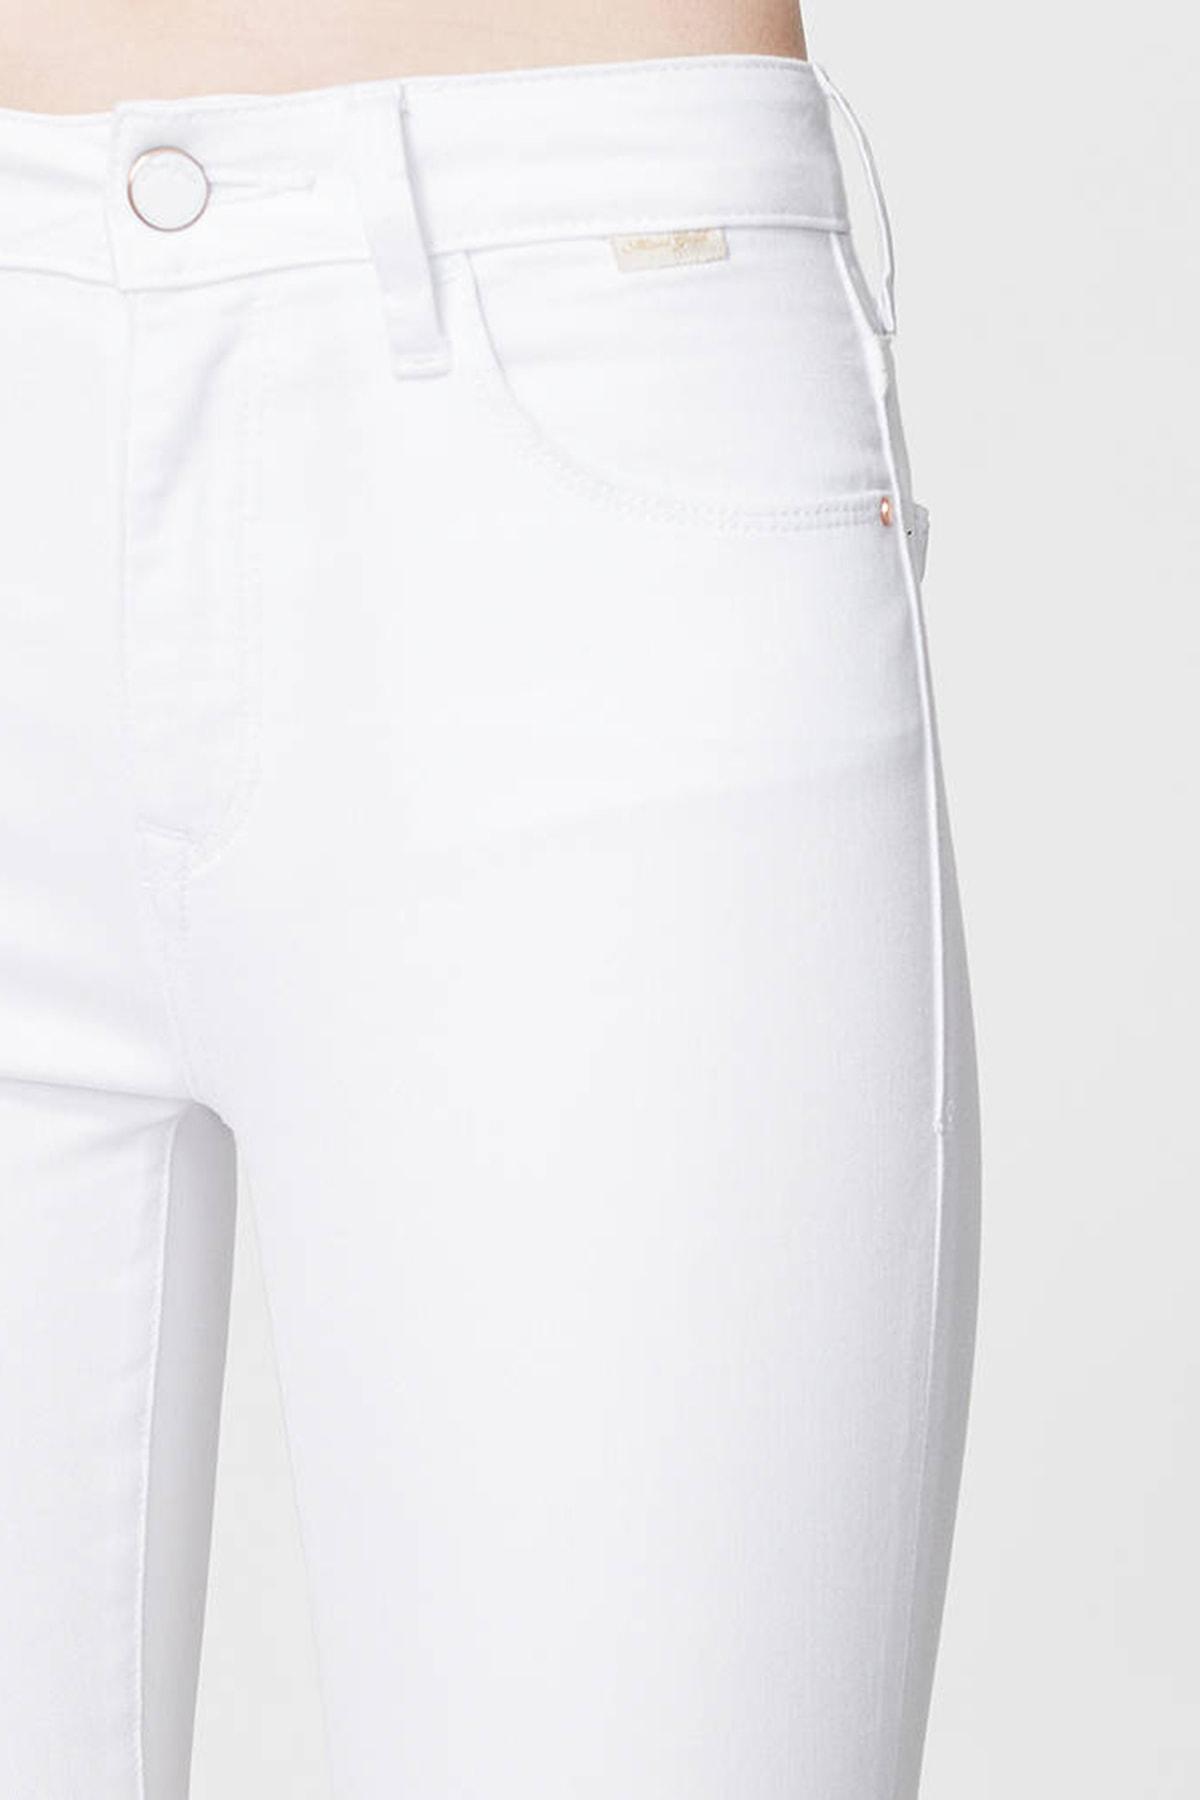 Mavi Kadın Tess Gold Beyaz Jean Pantolon 100328-28143 3